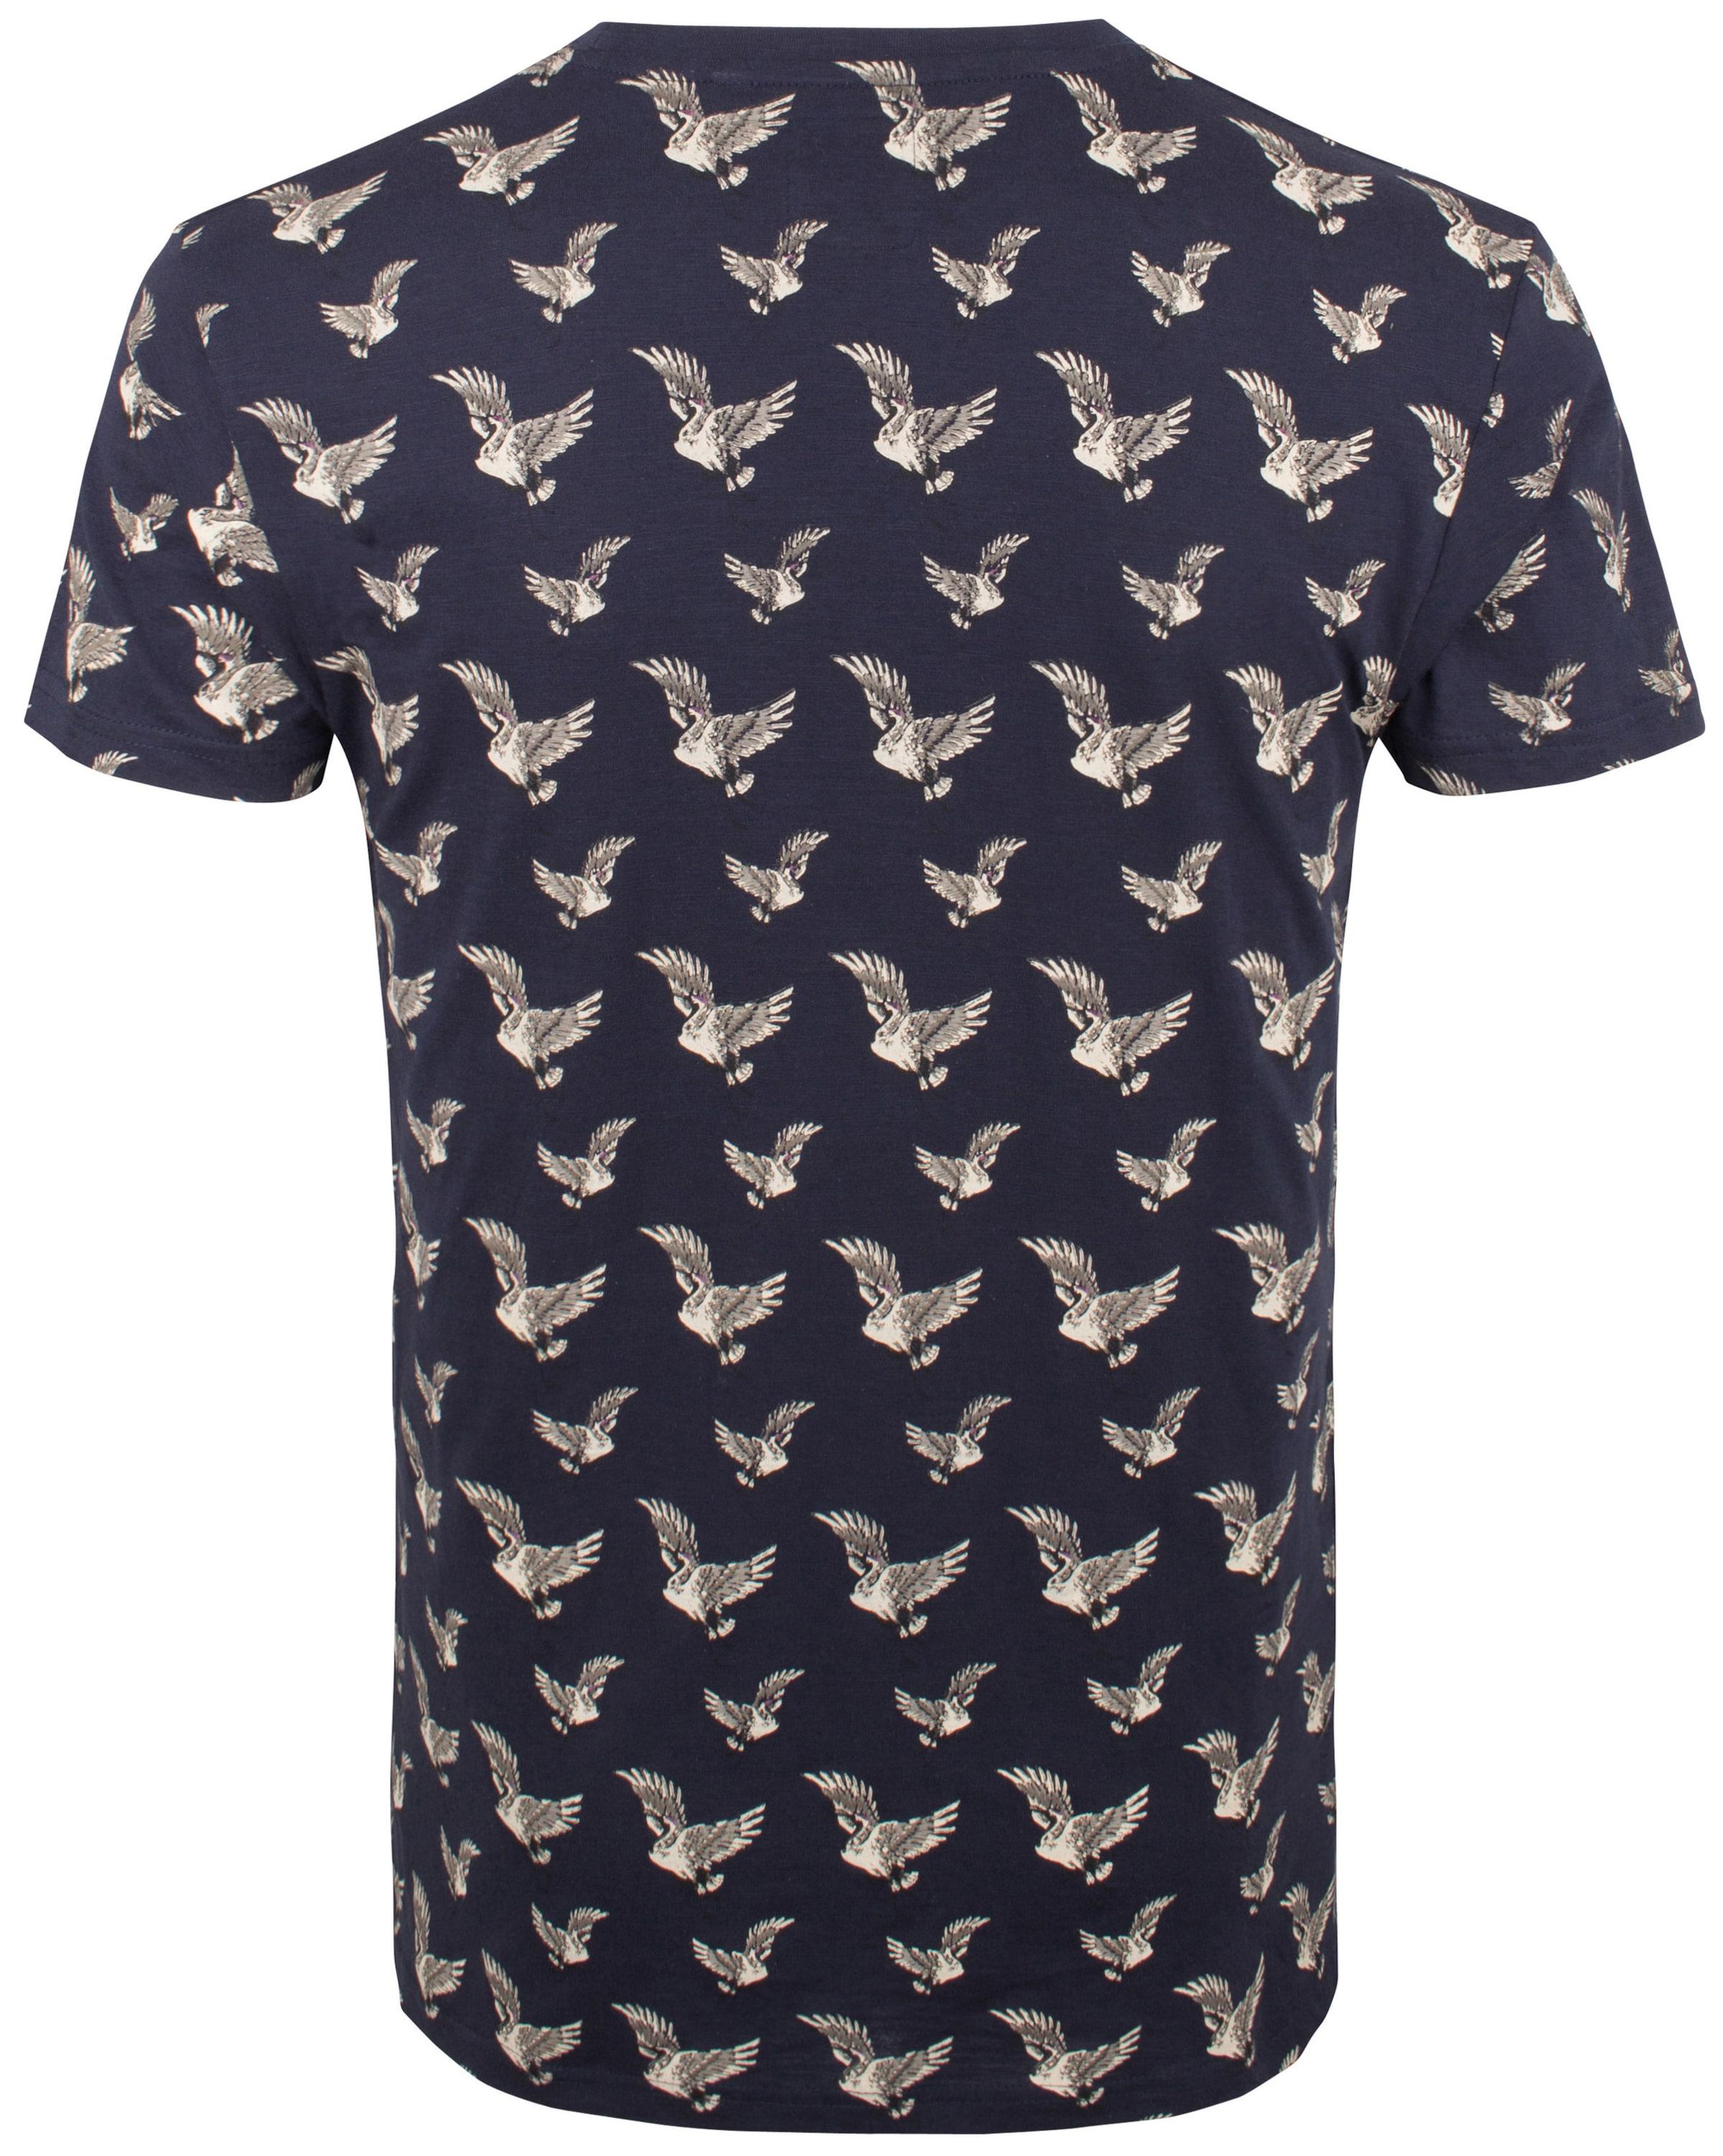 SOULSTAR T-Shirt Sammlungen Online Verkauf Eastbay Freies Verschiffen Countdown-Paket r7P5DE